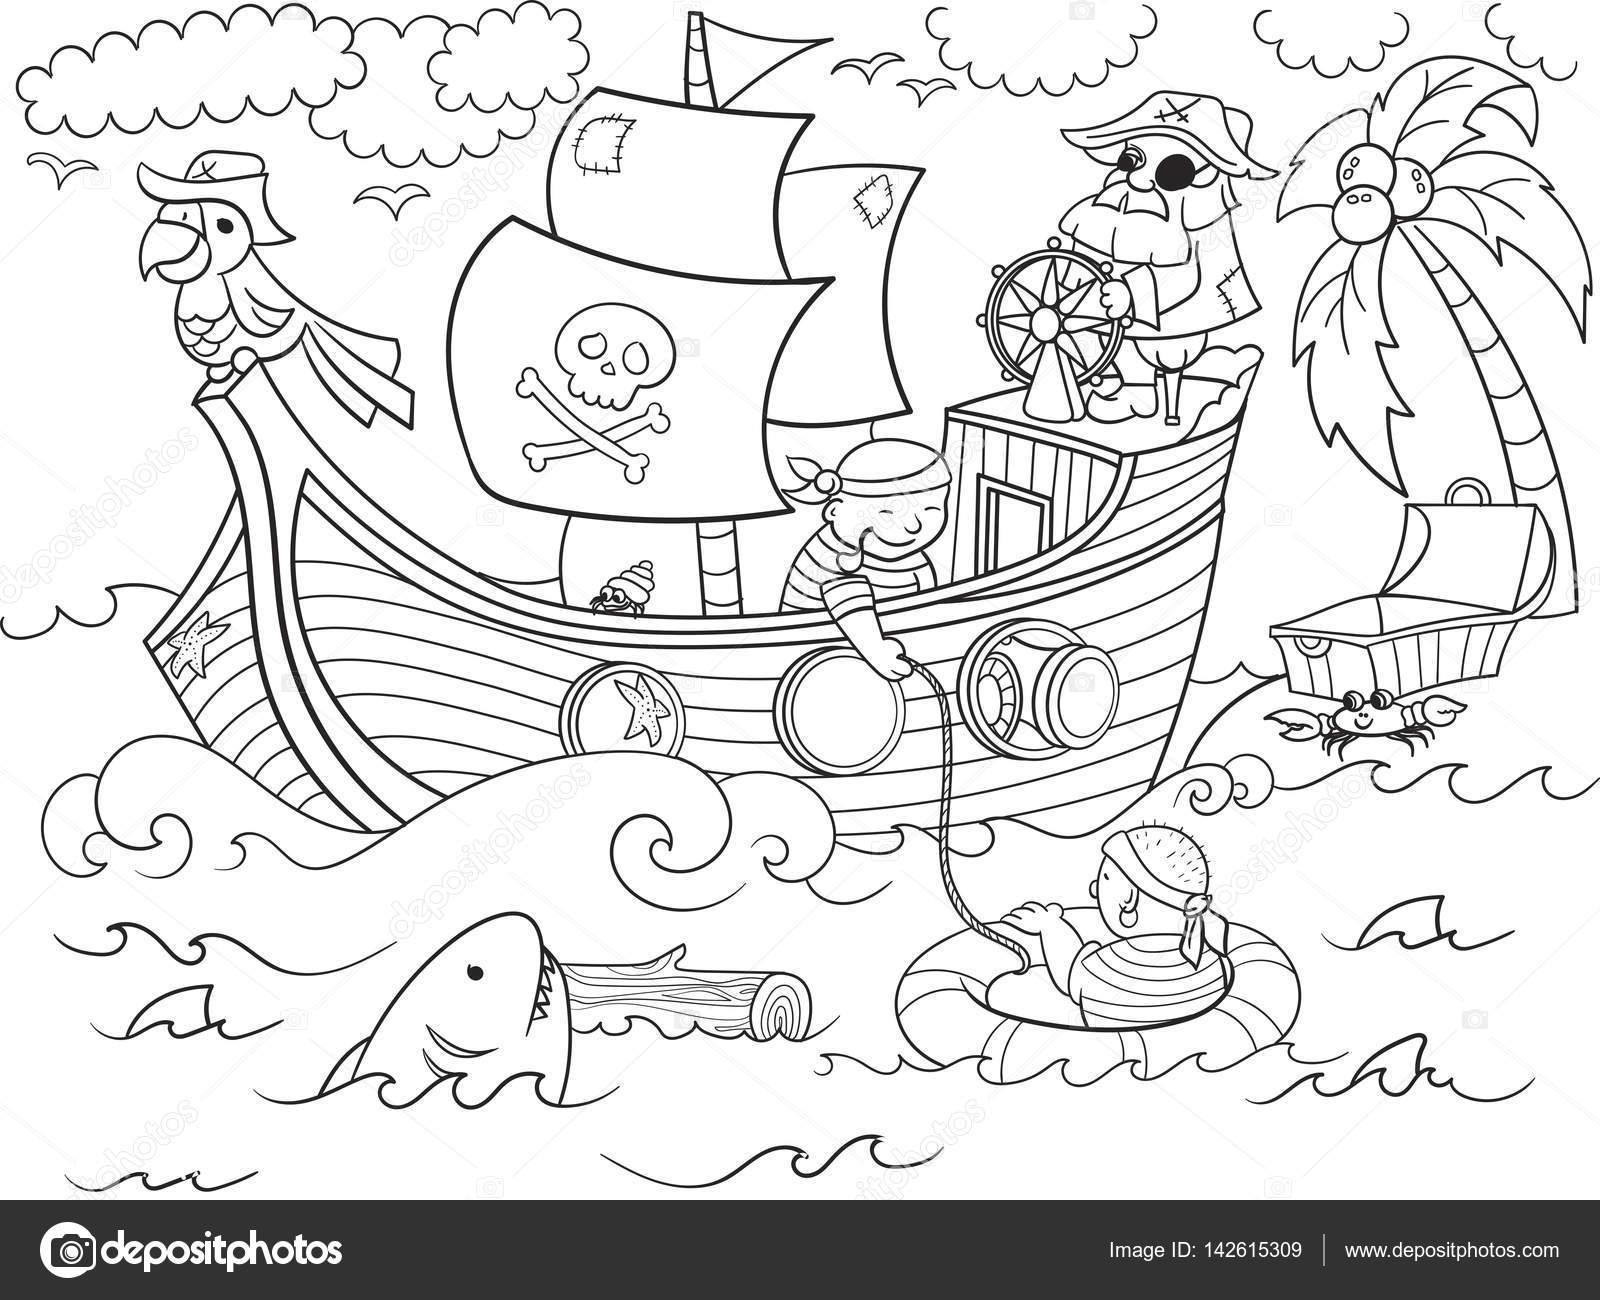 Kleurplaten Piratenschip.Kinderen Kleurplaten Rond Het Thema Piraten Vector Stockvector